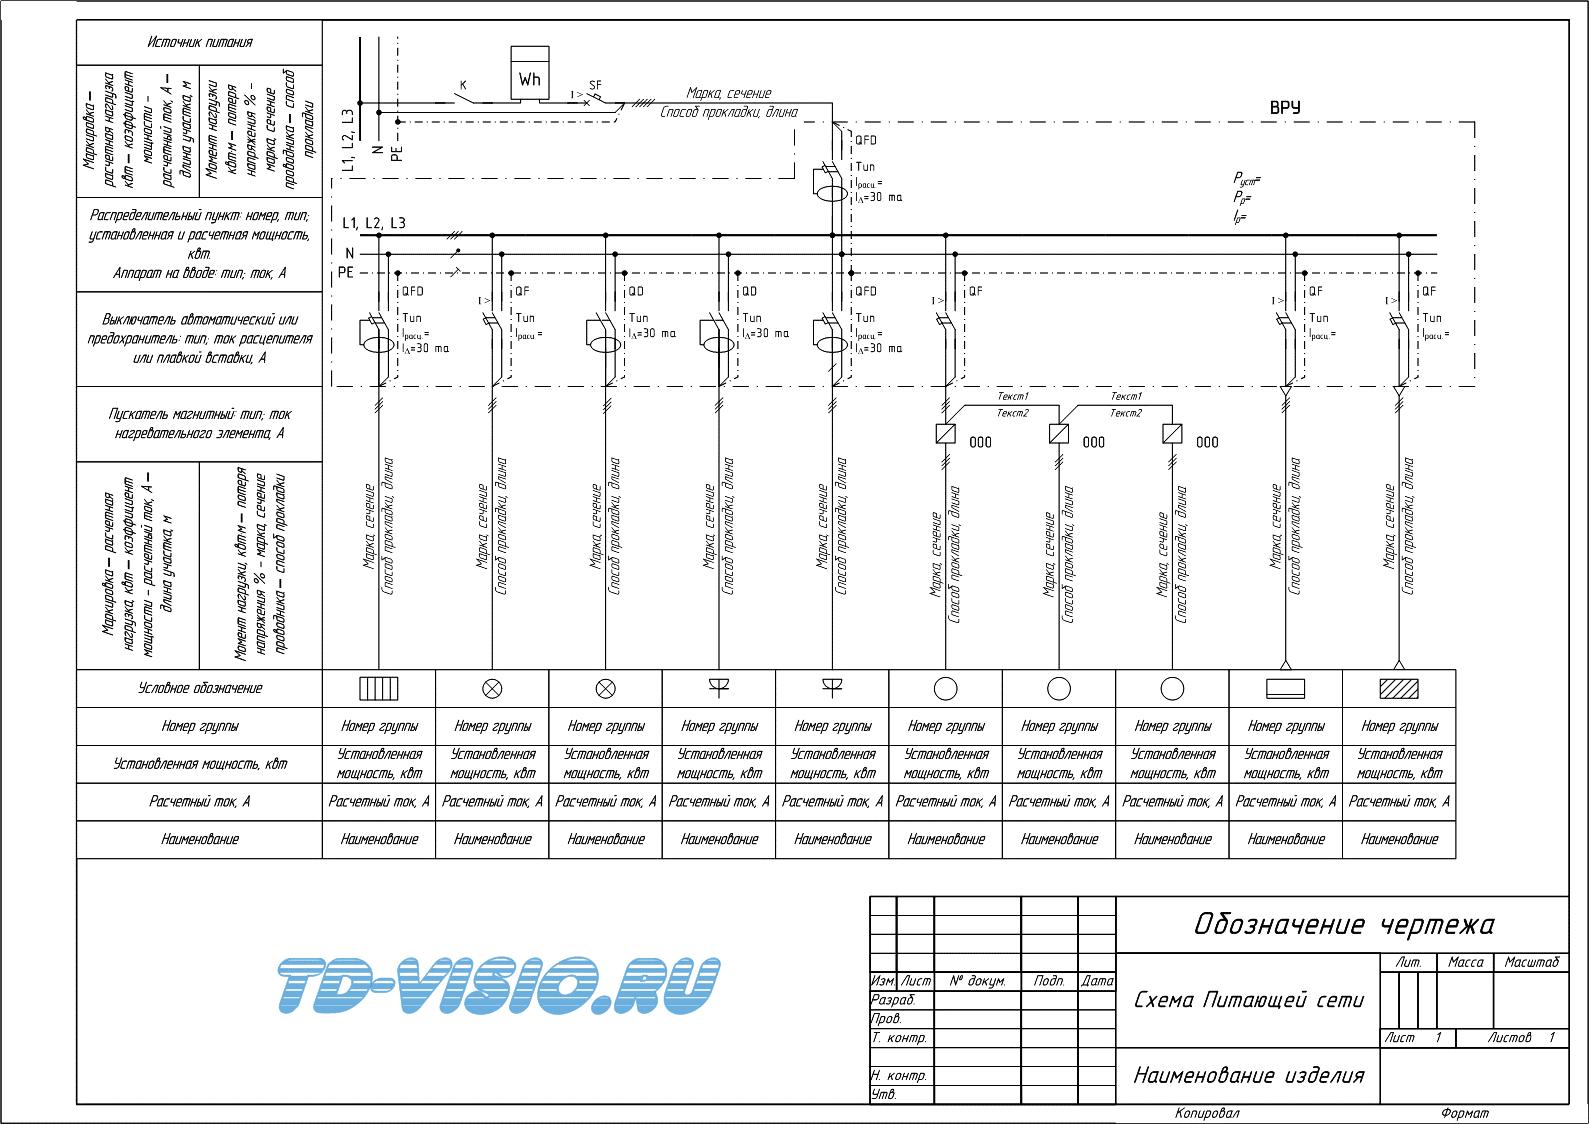 Однолинейная схема образец в ворде